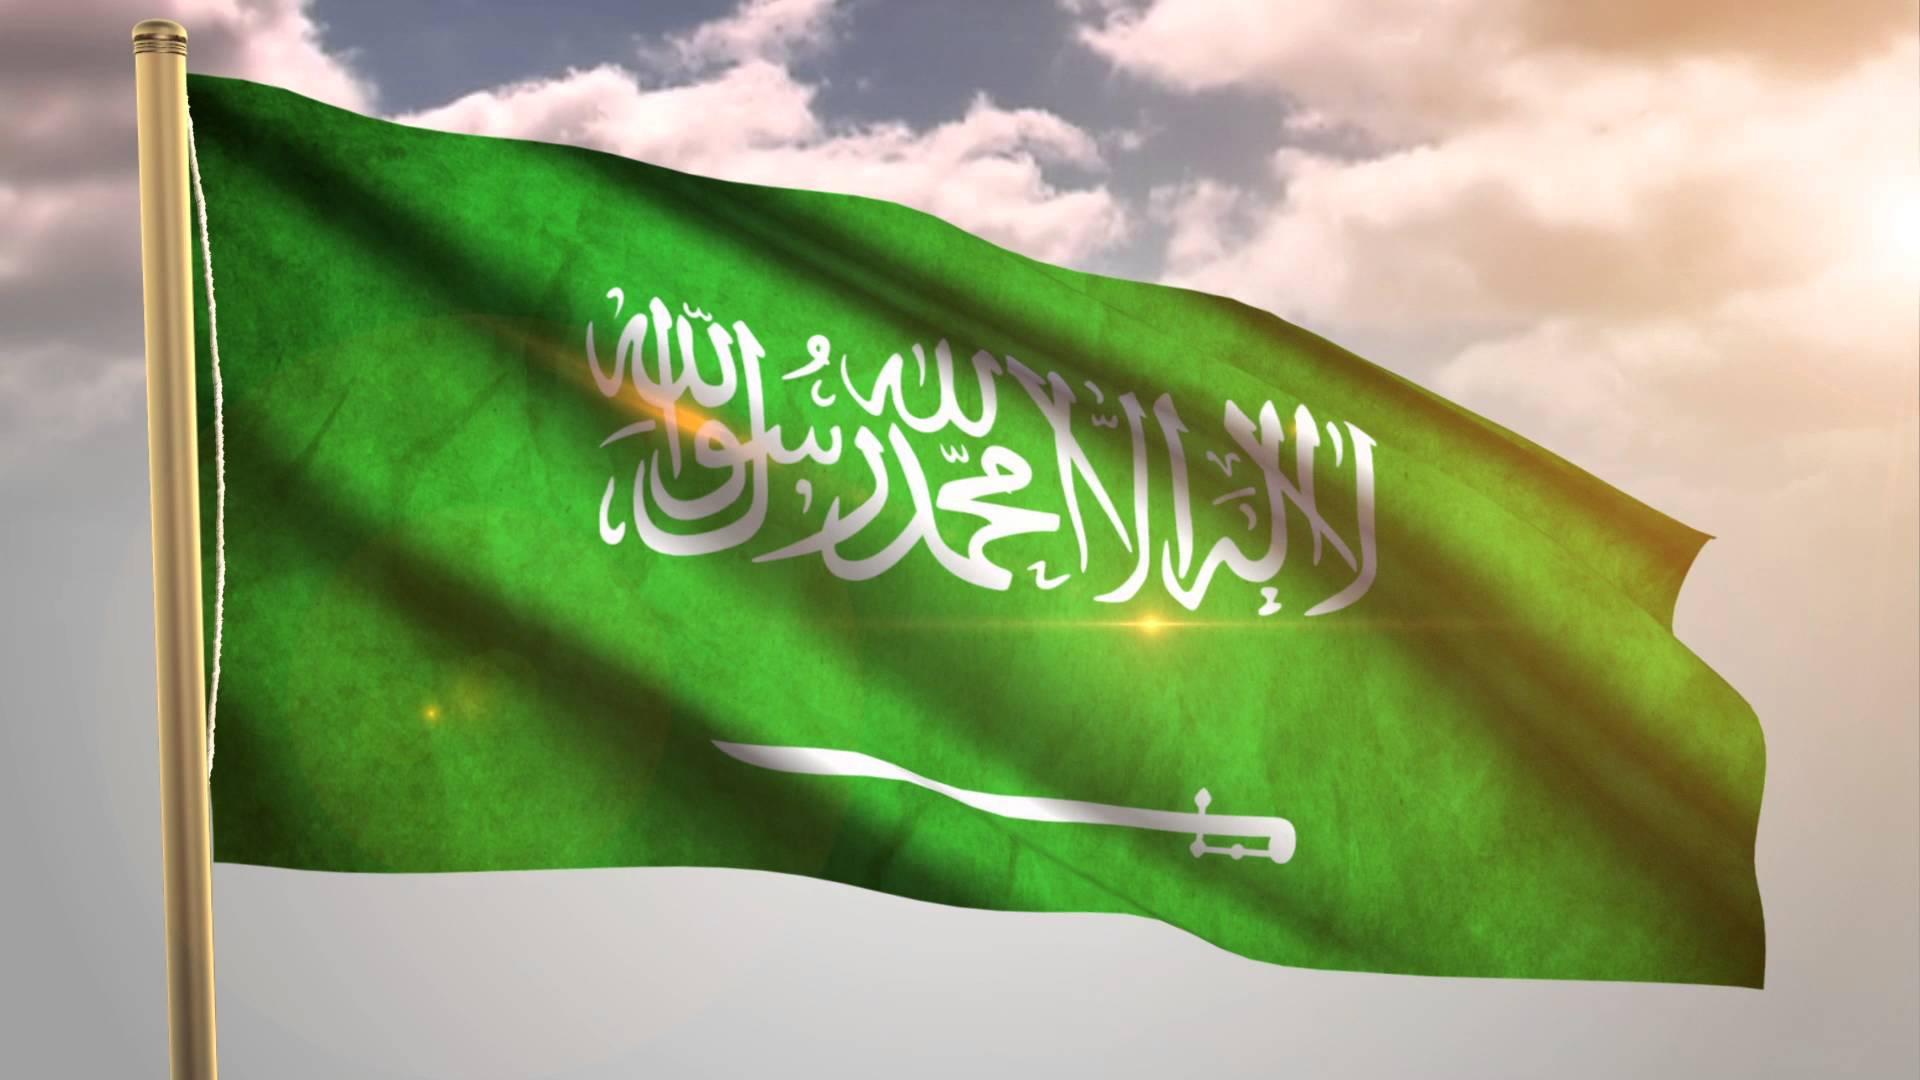 بالصور صور علم السعوديه , اجمل صور لعلم السعودية 444 5